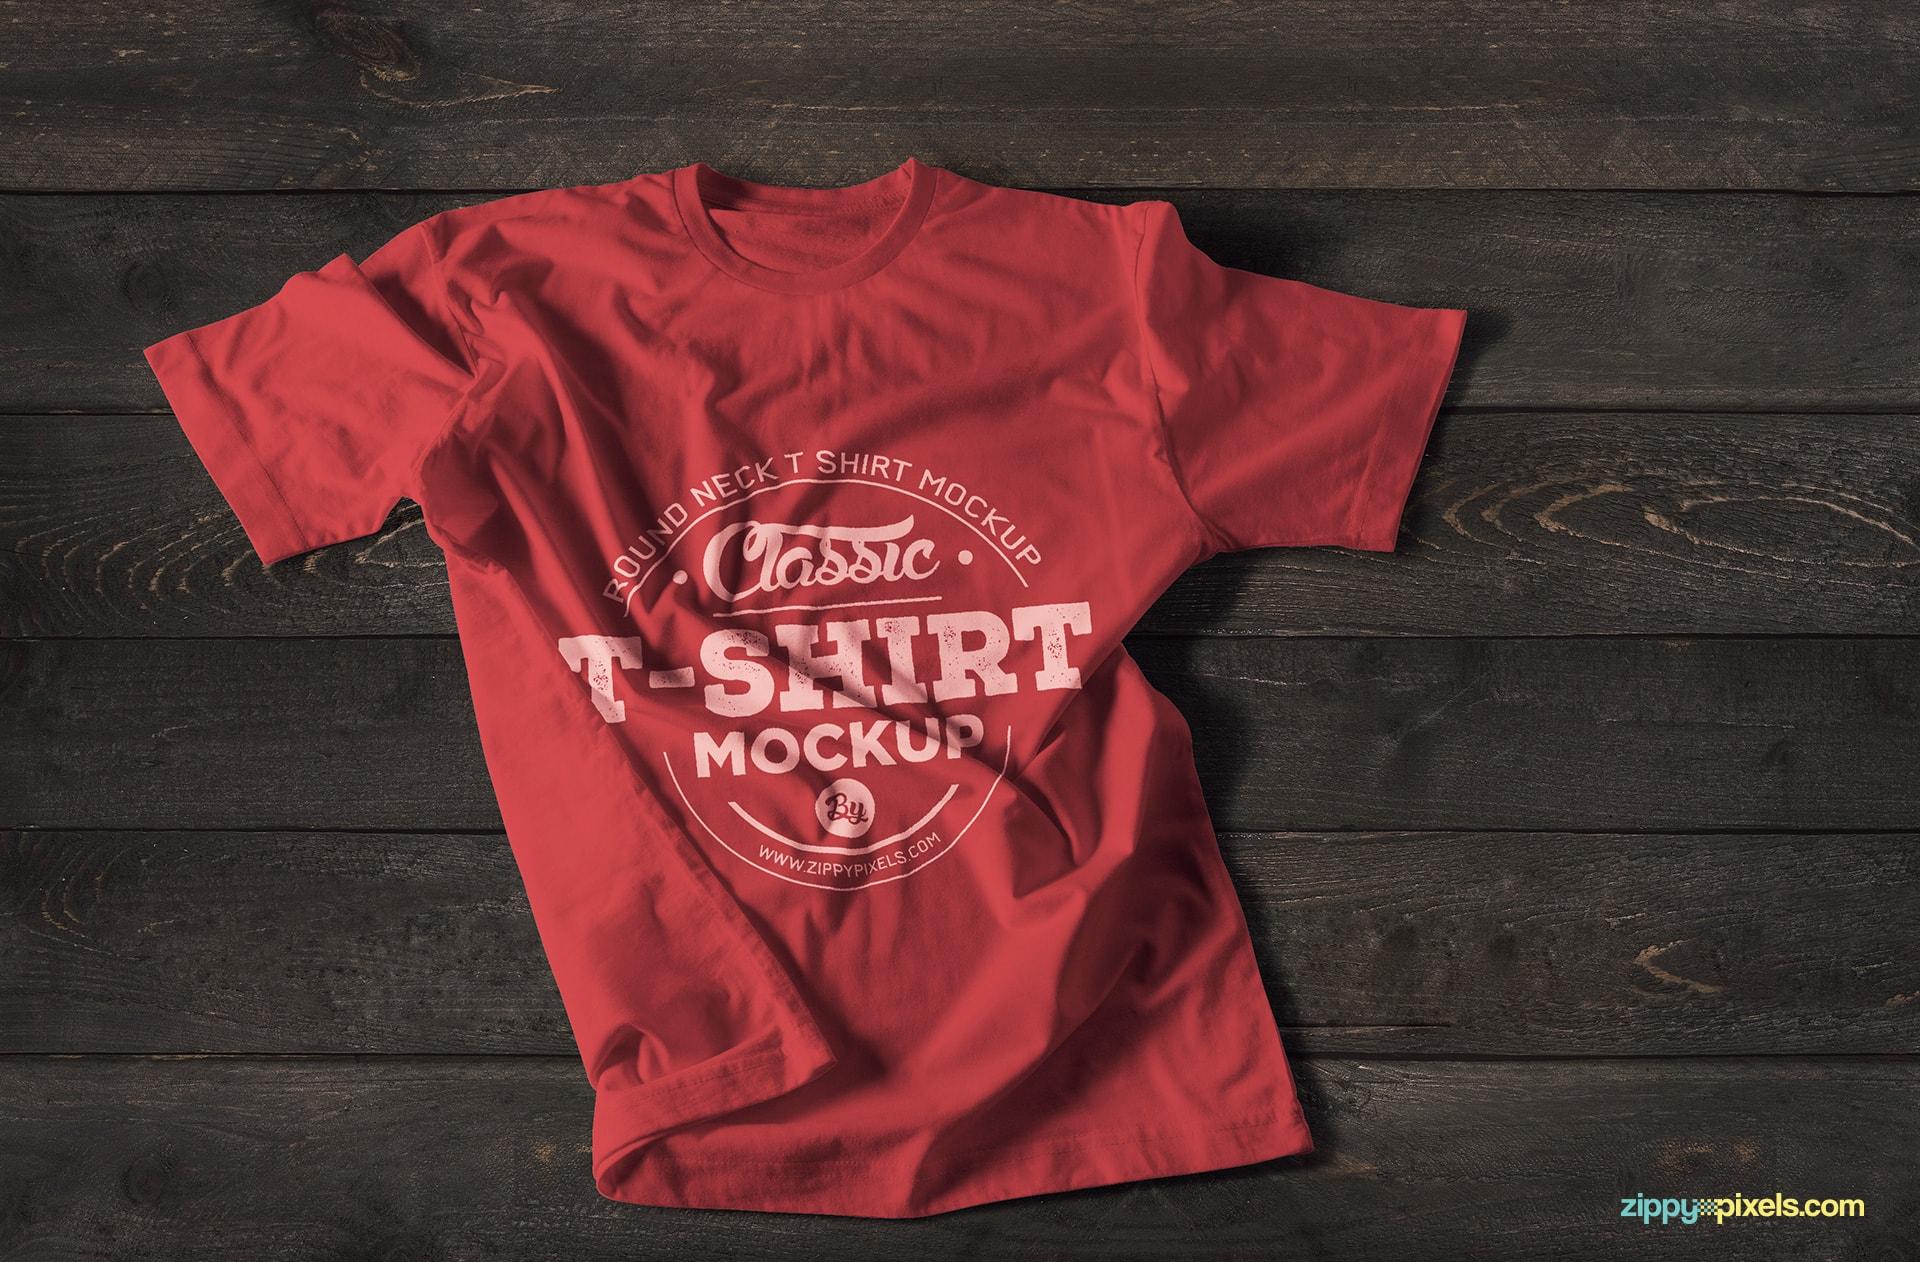 vintage-style-t-shirt-mockup-wrinkled-01